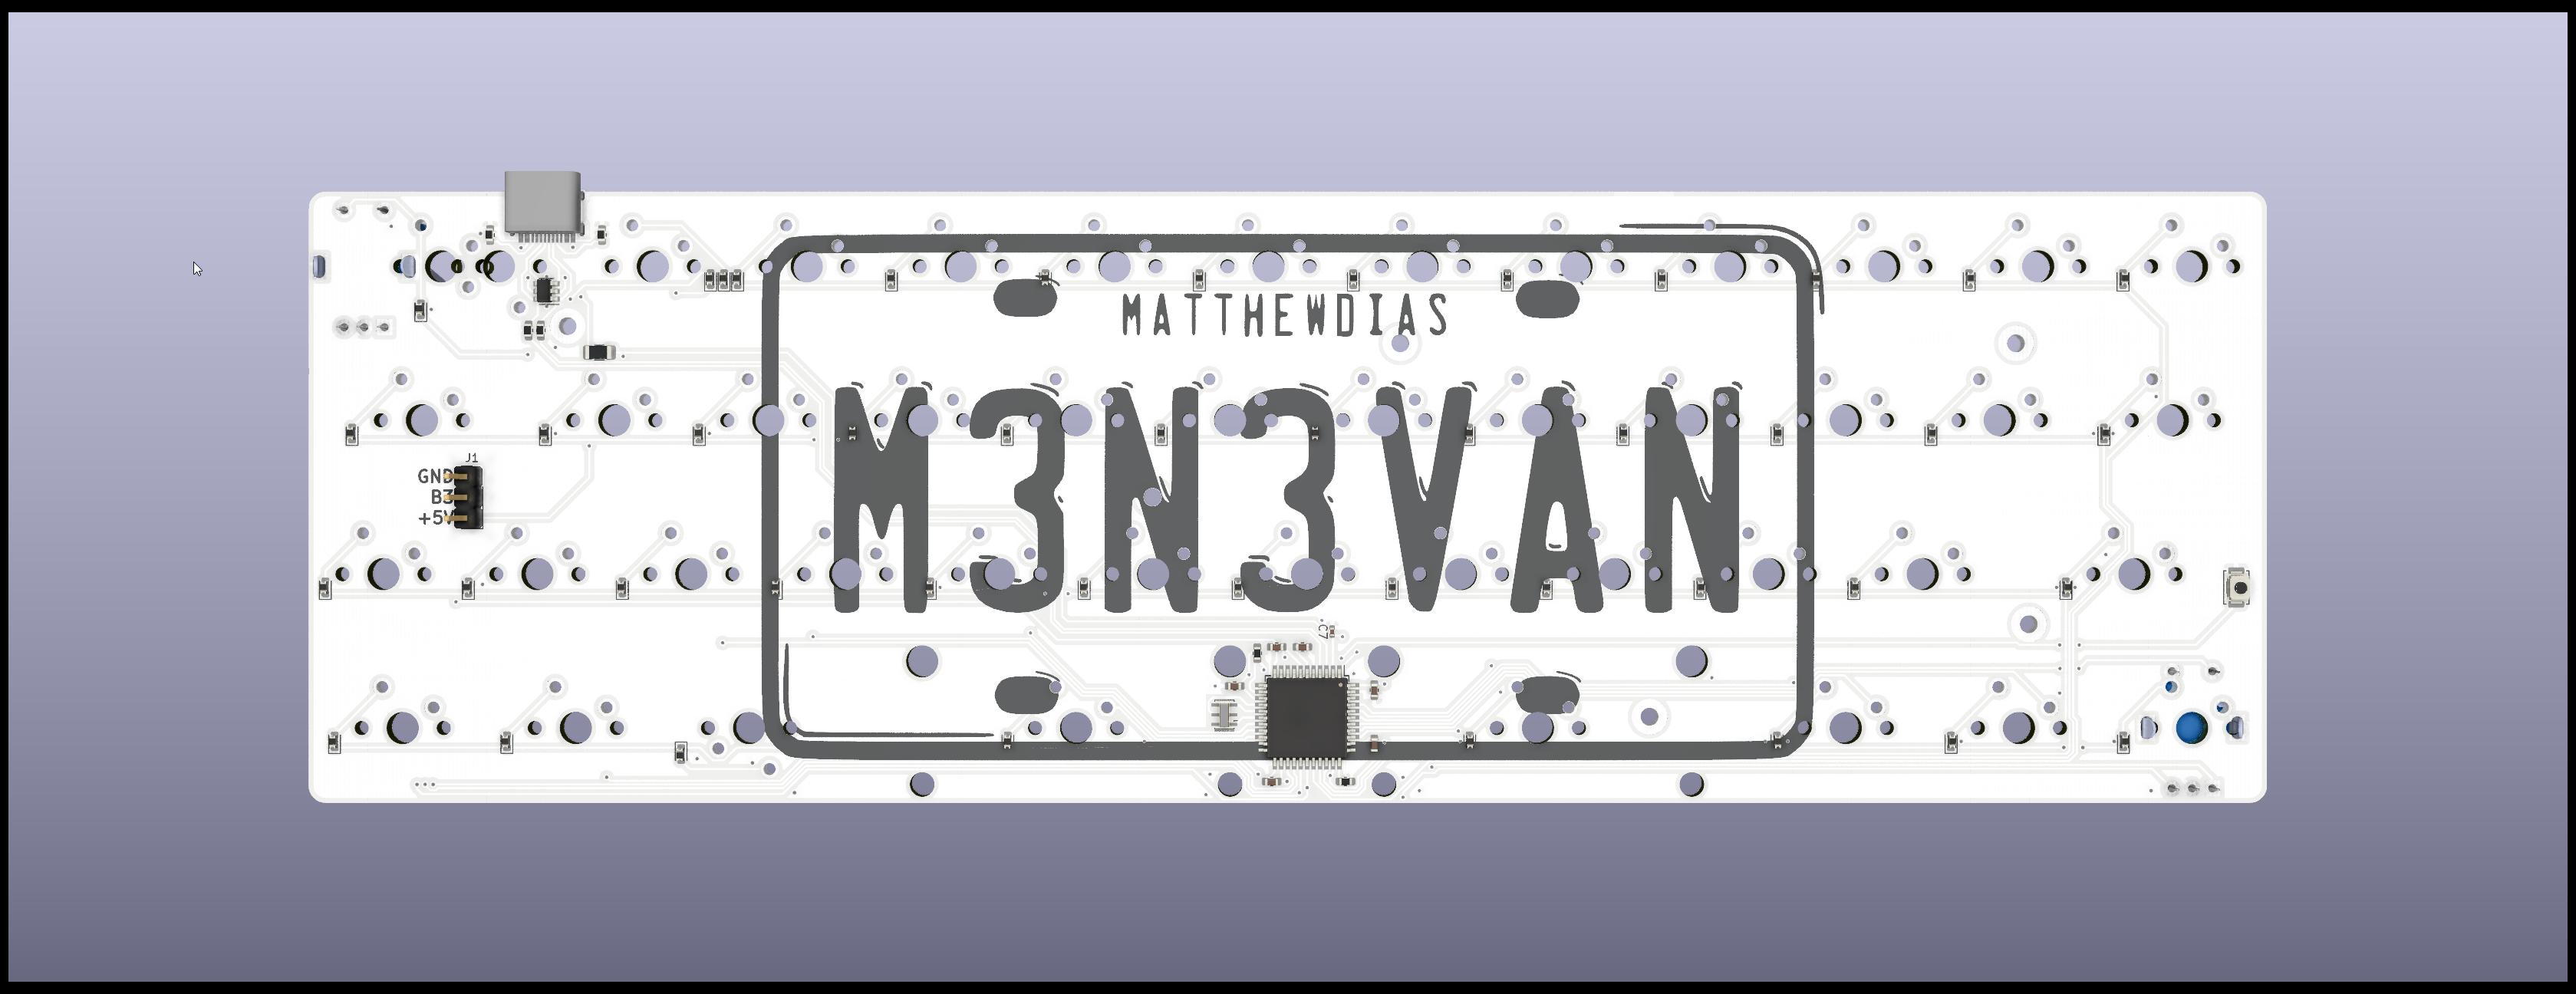 Render of m3n3van V2 PCB back